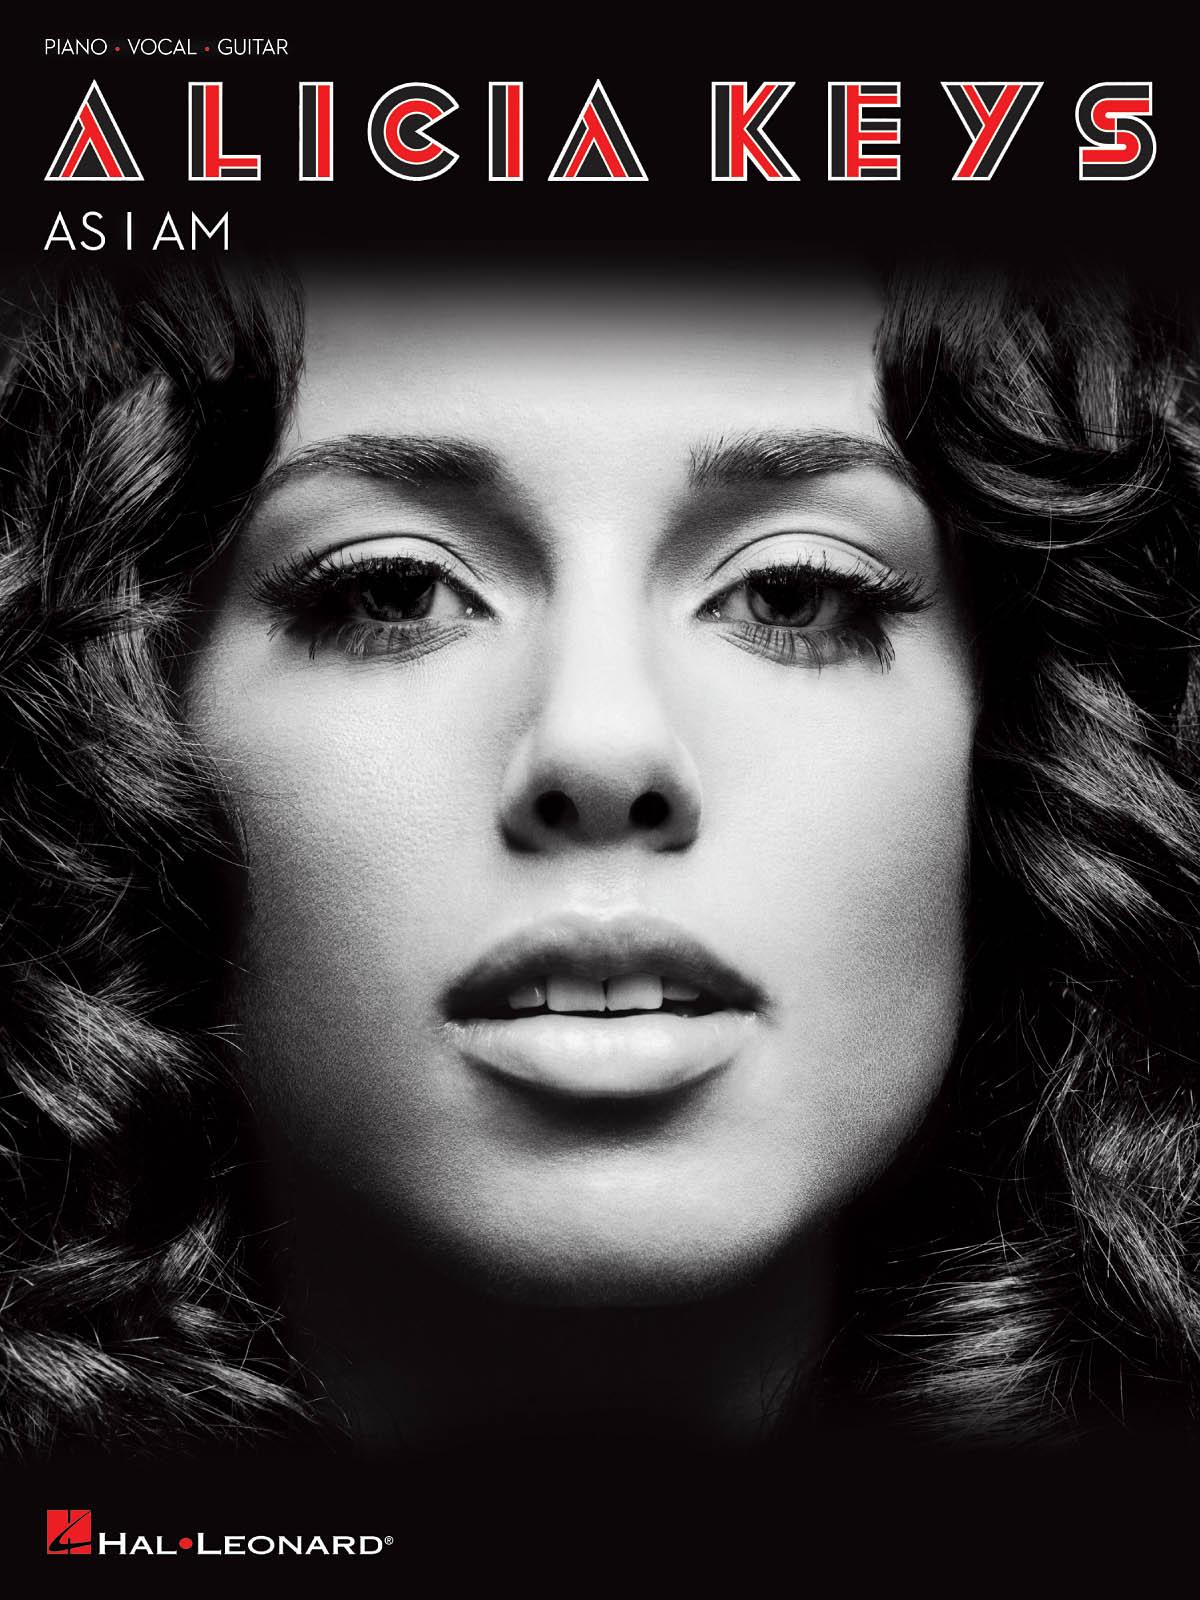 Alicia Keys: Alicia Keys - As I Am: Piano  Vocal  Guitar: Album Songbook